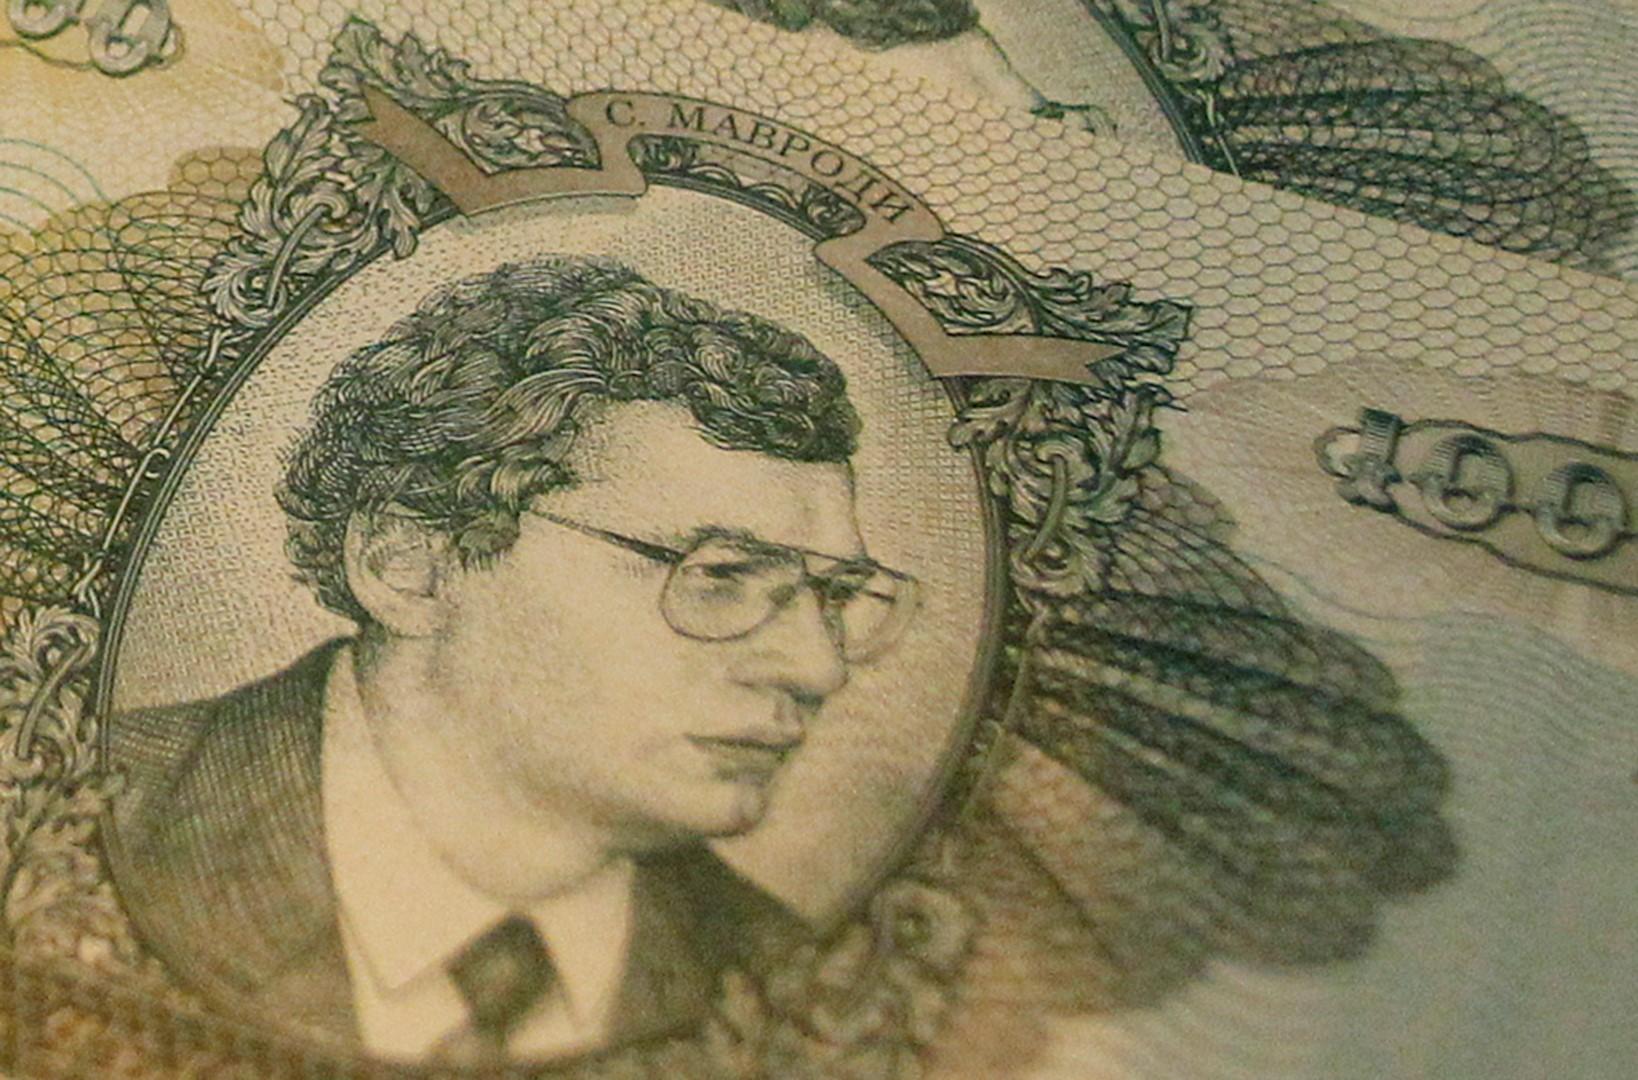 Чем был известен Сергей Мавроди— предприниматель или мошенник